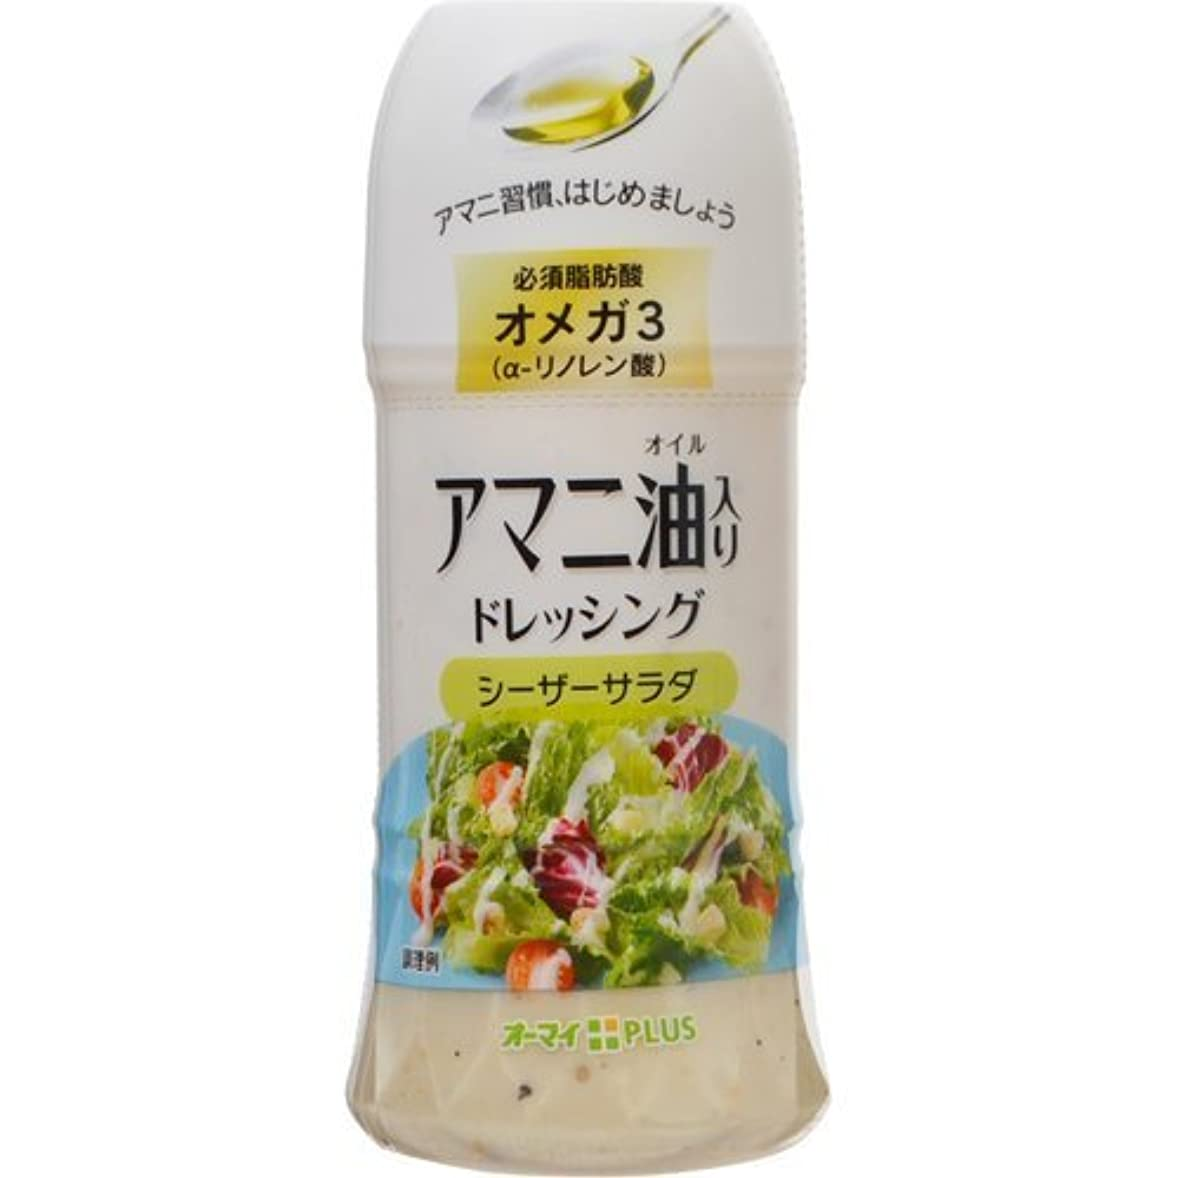 皮肉な送料みすぼらしいアマニ油入り ドレッシング シーザーサラダ【6セット】